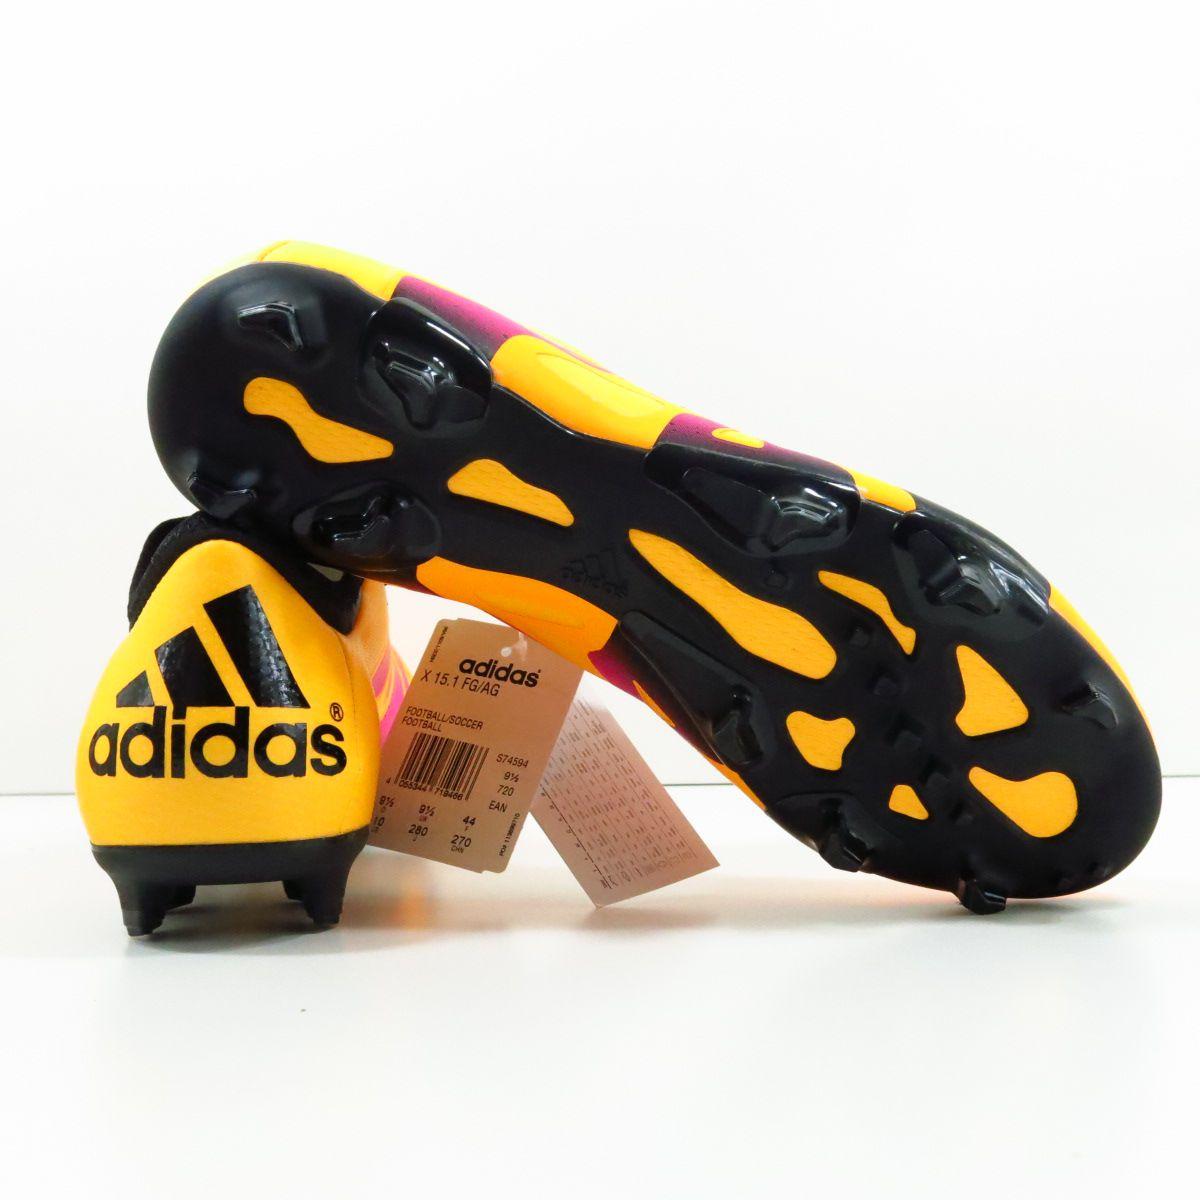 Chuteira Adidas X 15.1 FG Elite